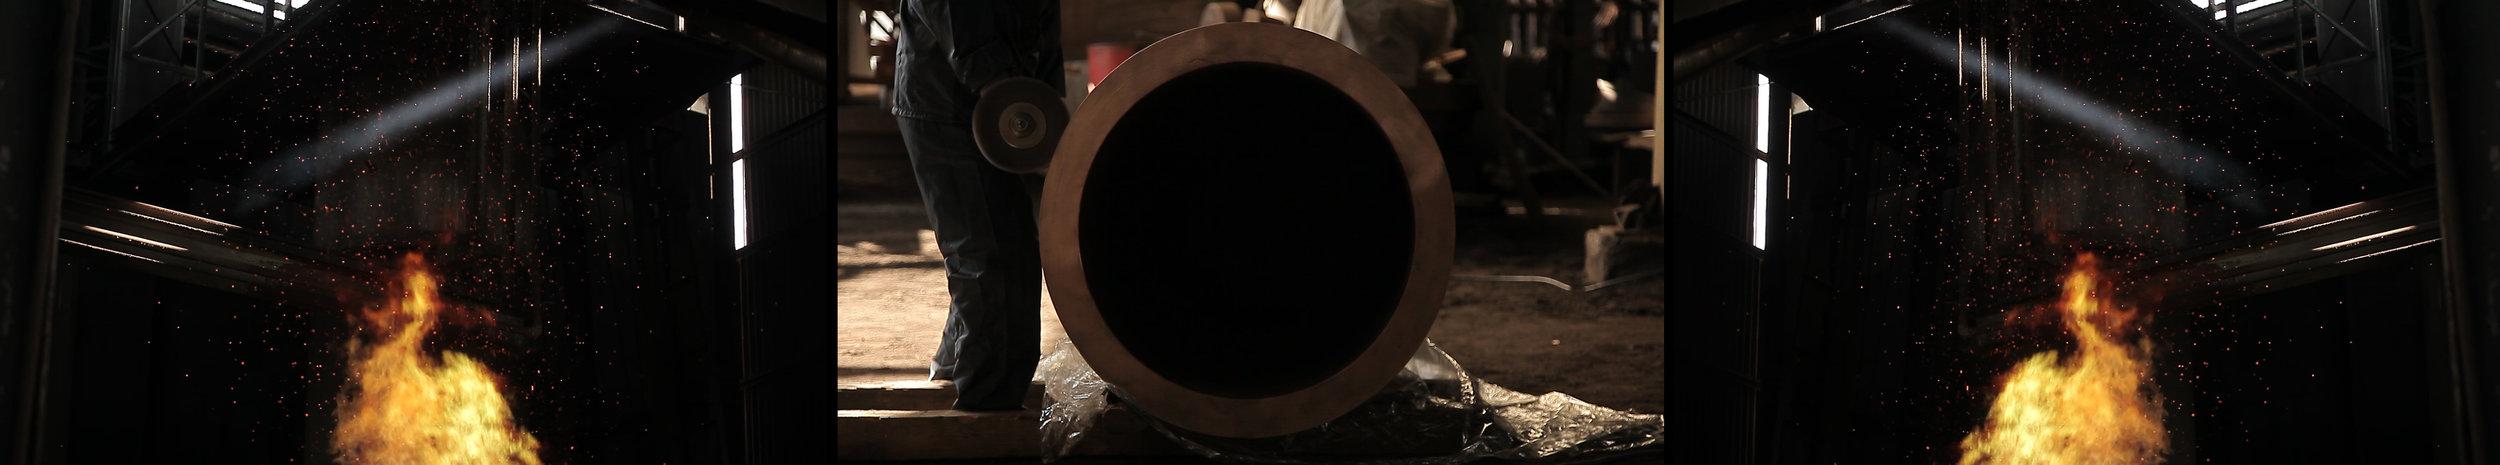 The Bell Makers of Makabe 3 (3frame still).jpg